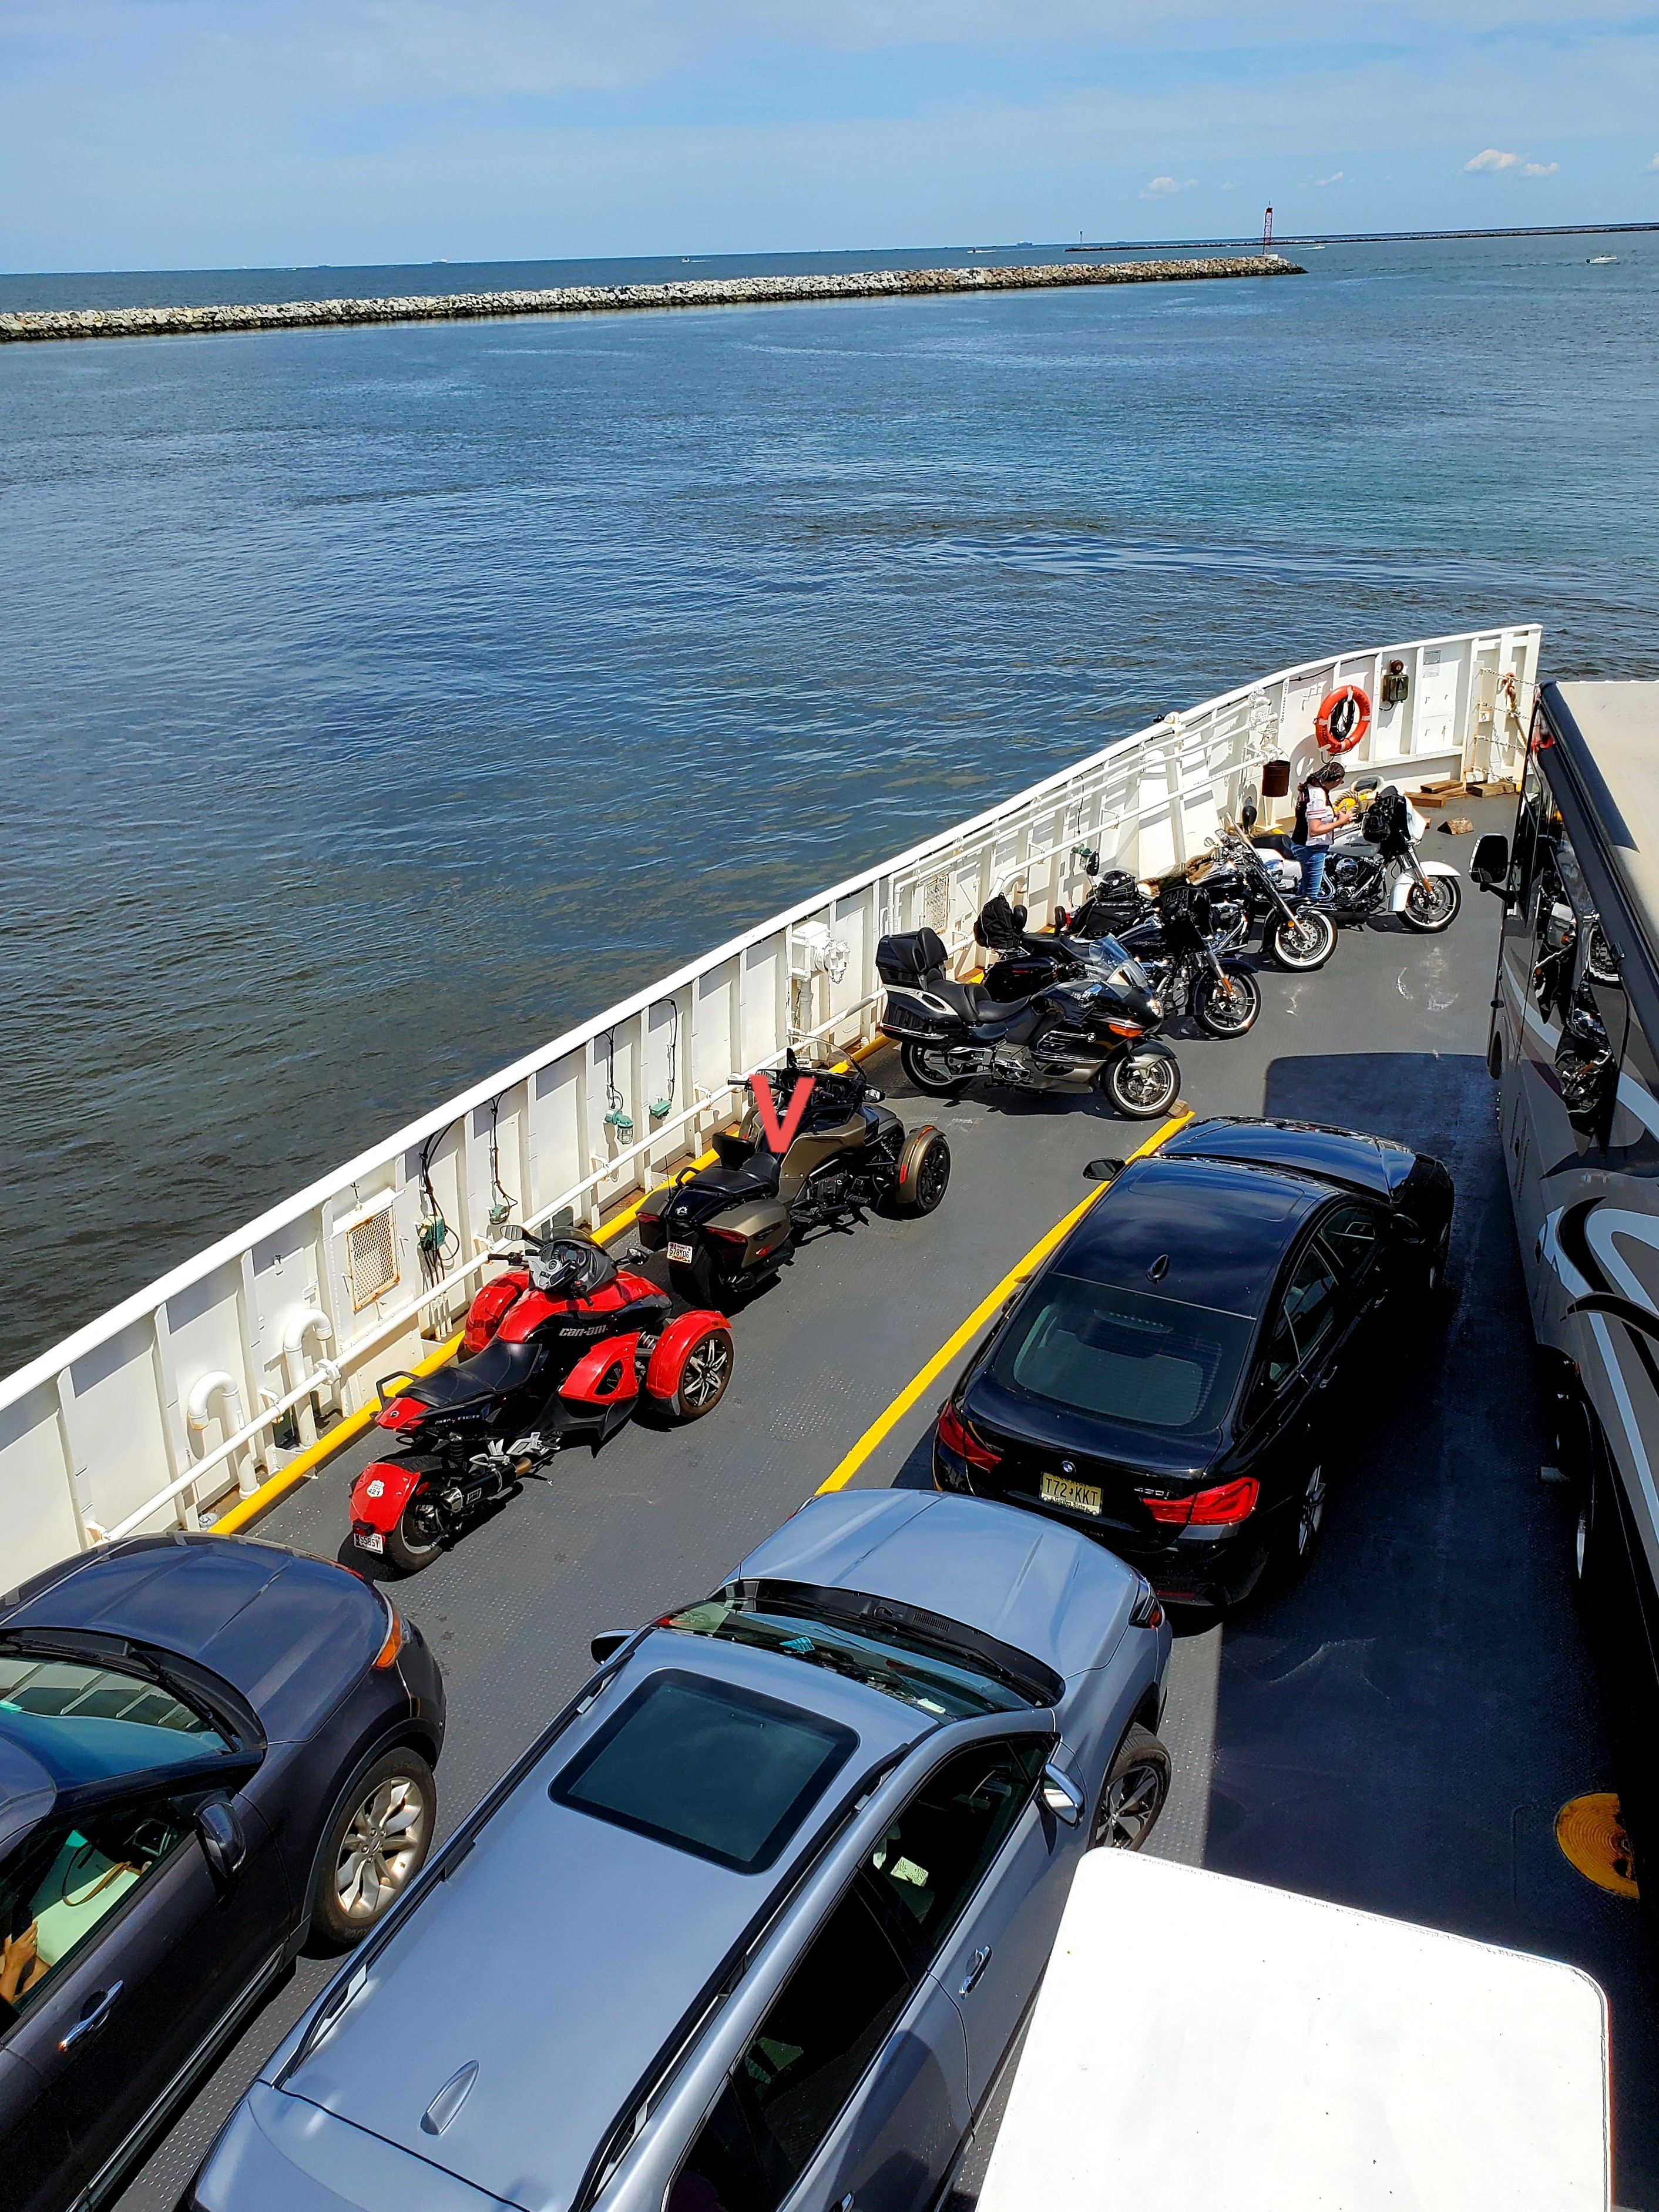 https://0201.nccdn.net/4_2/000/000/001/89f/ferry.jpg